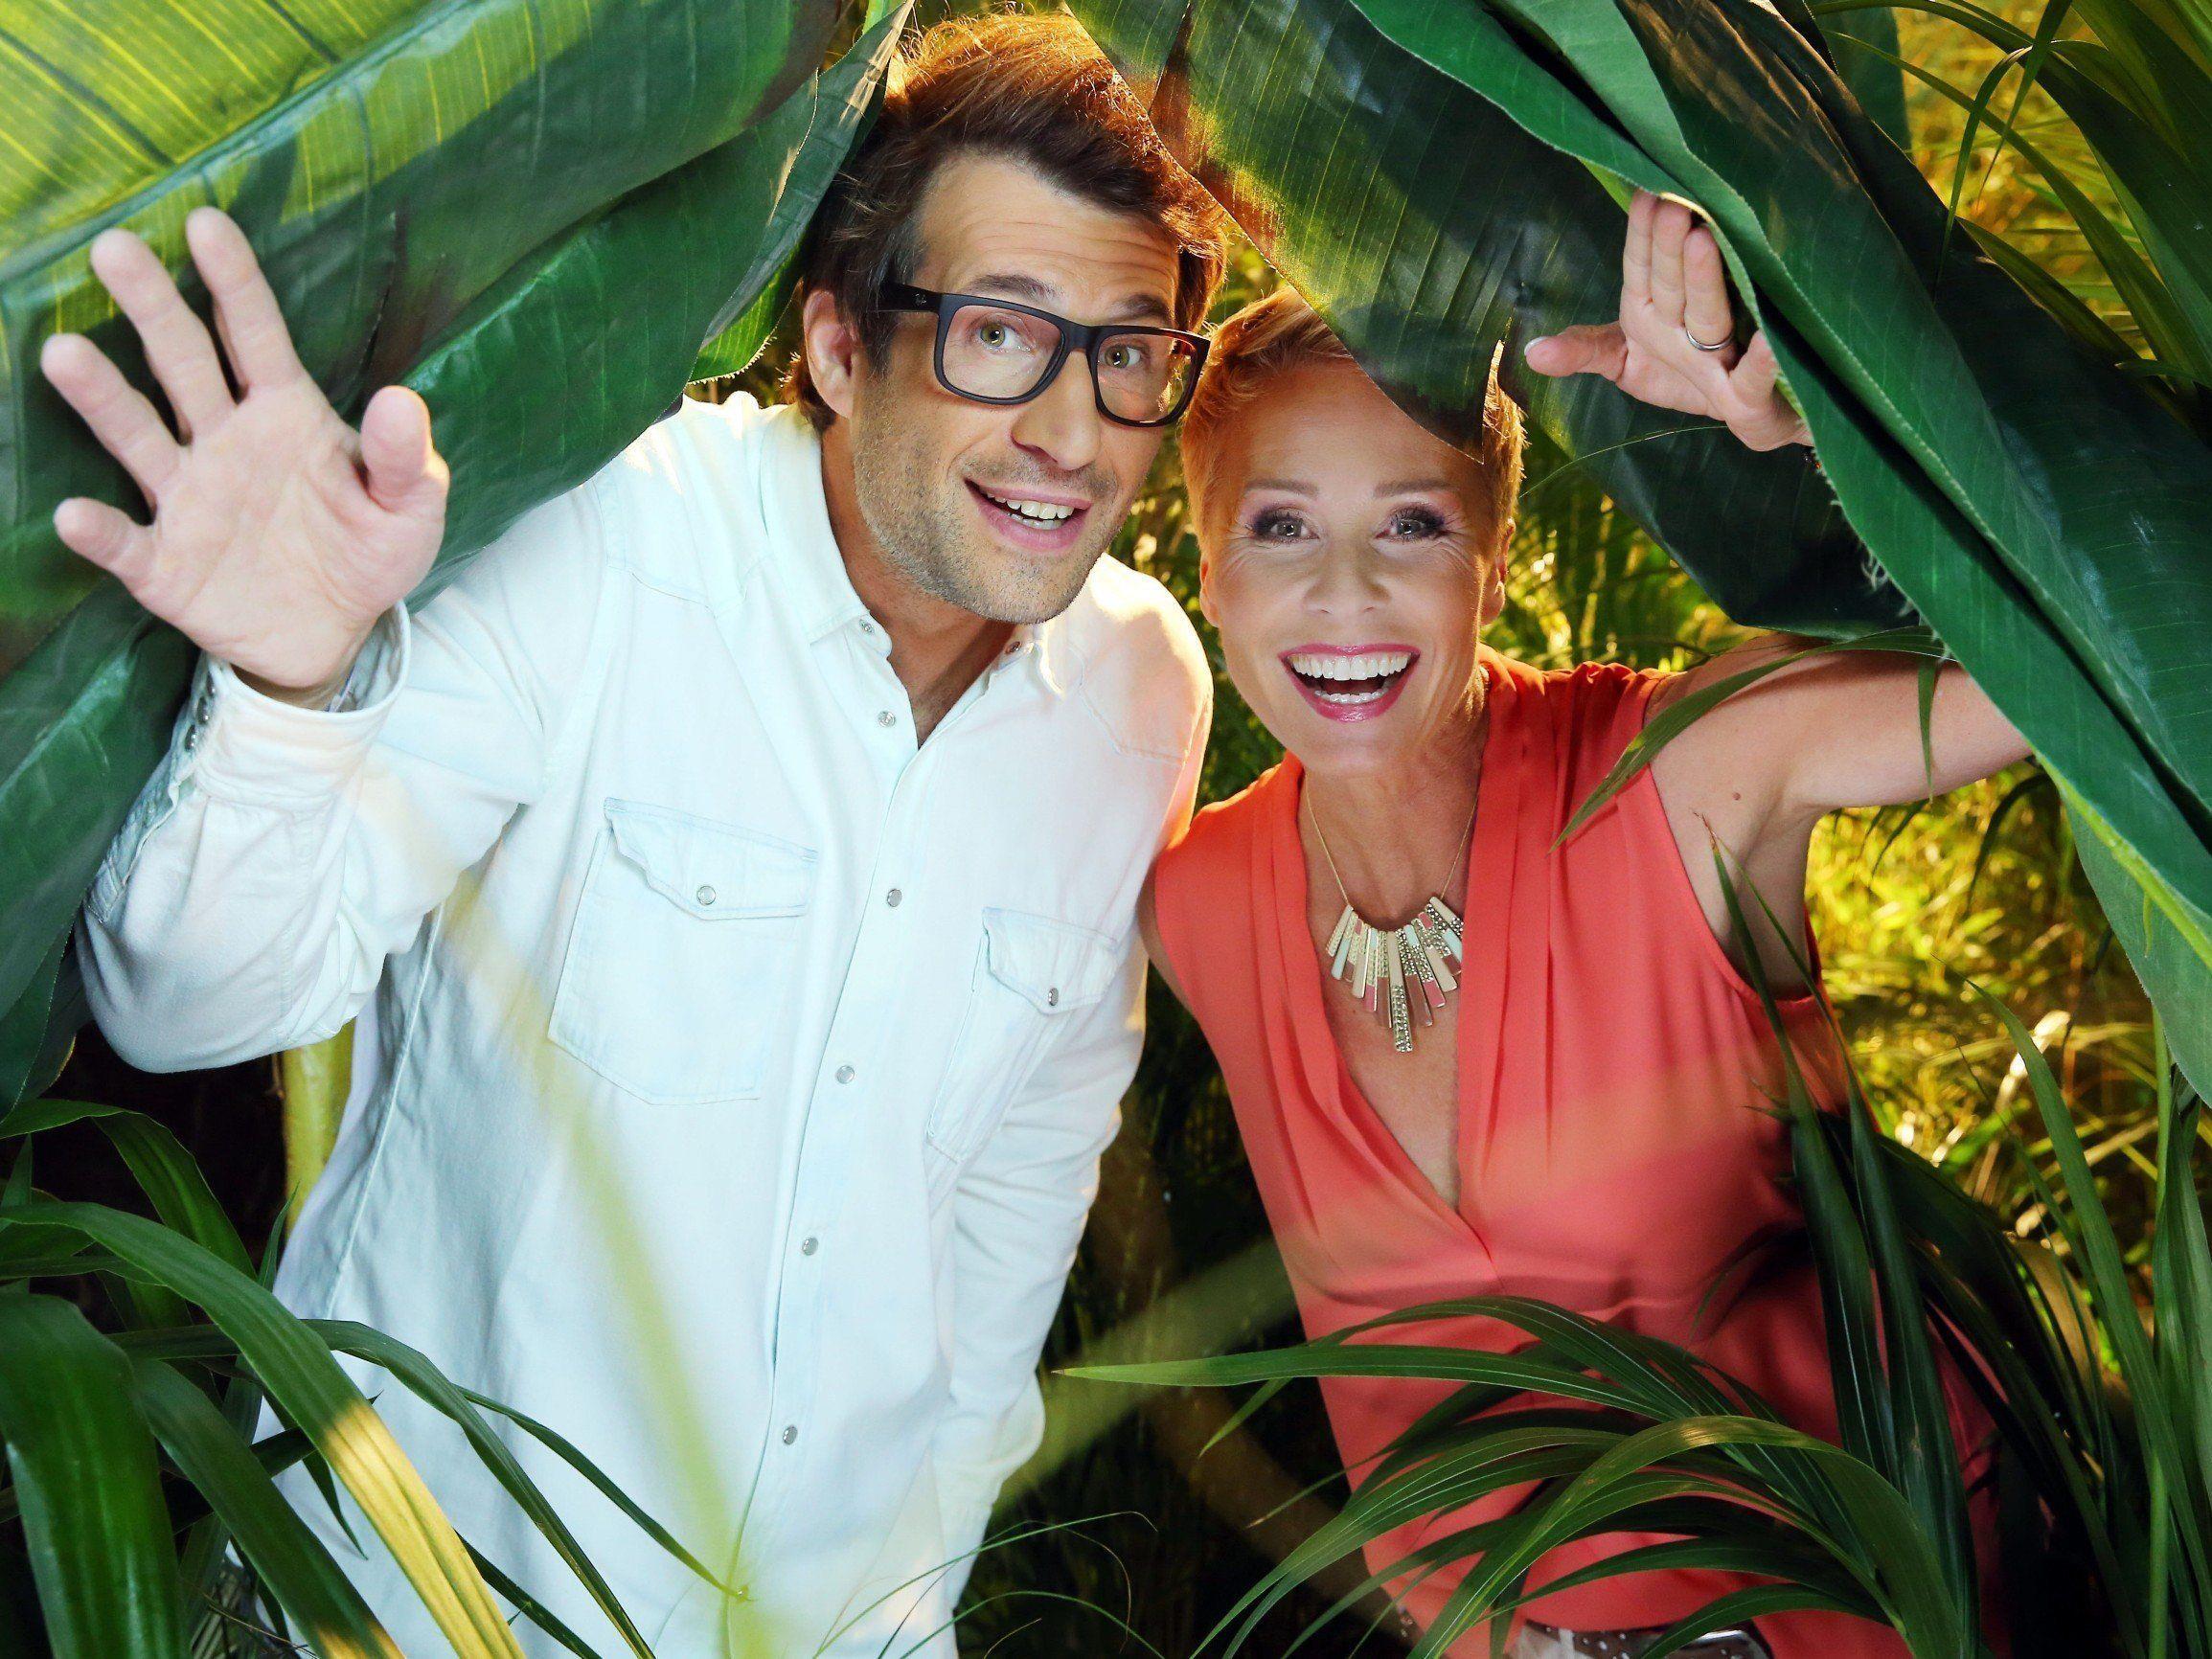 Am 13. Jänner startet das Dschungelcamp 2017 auf RTL.